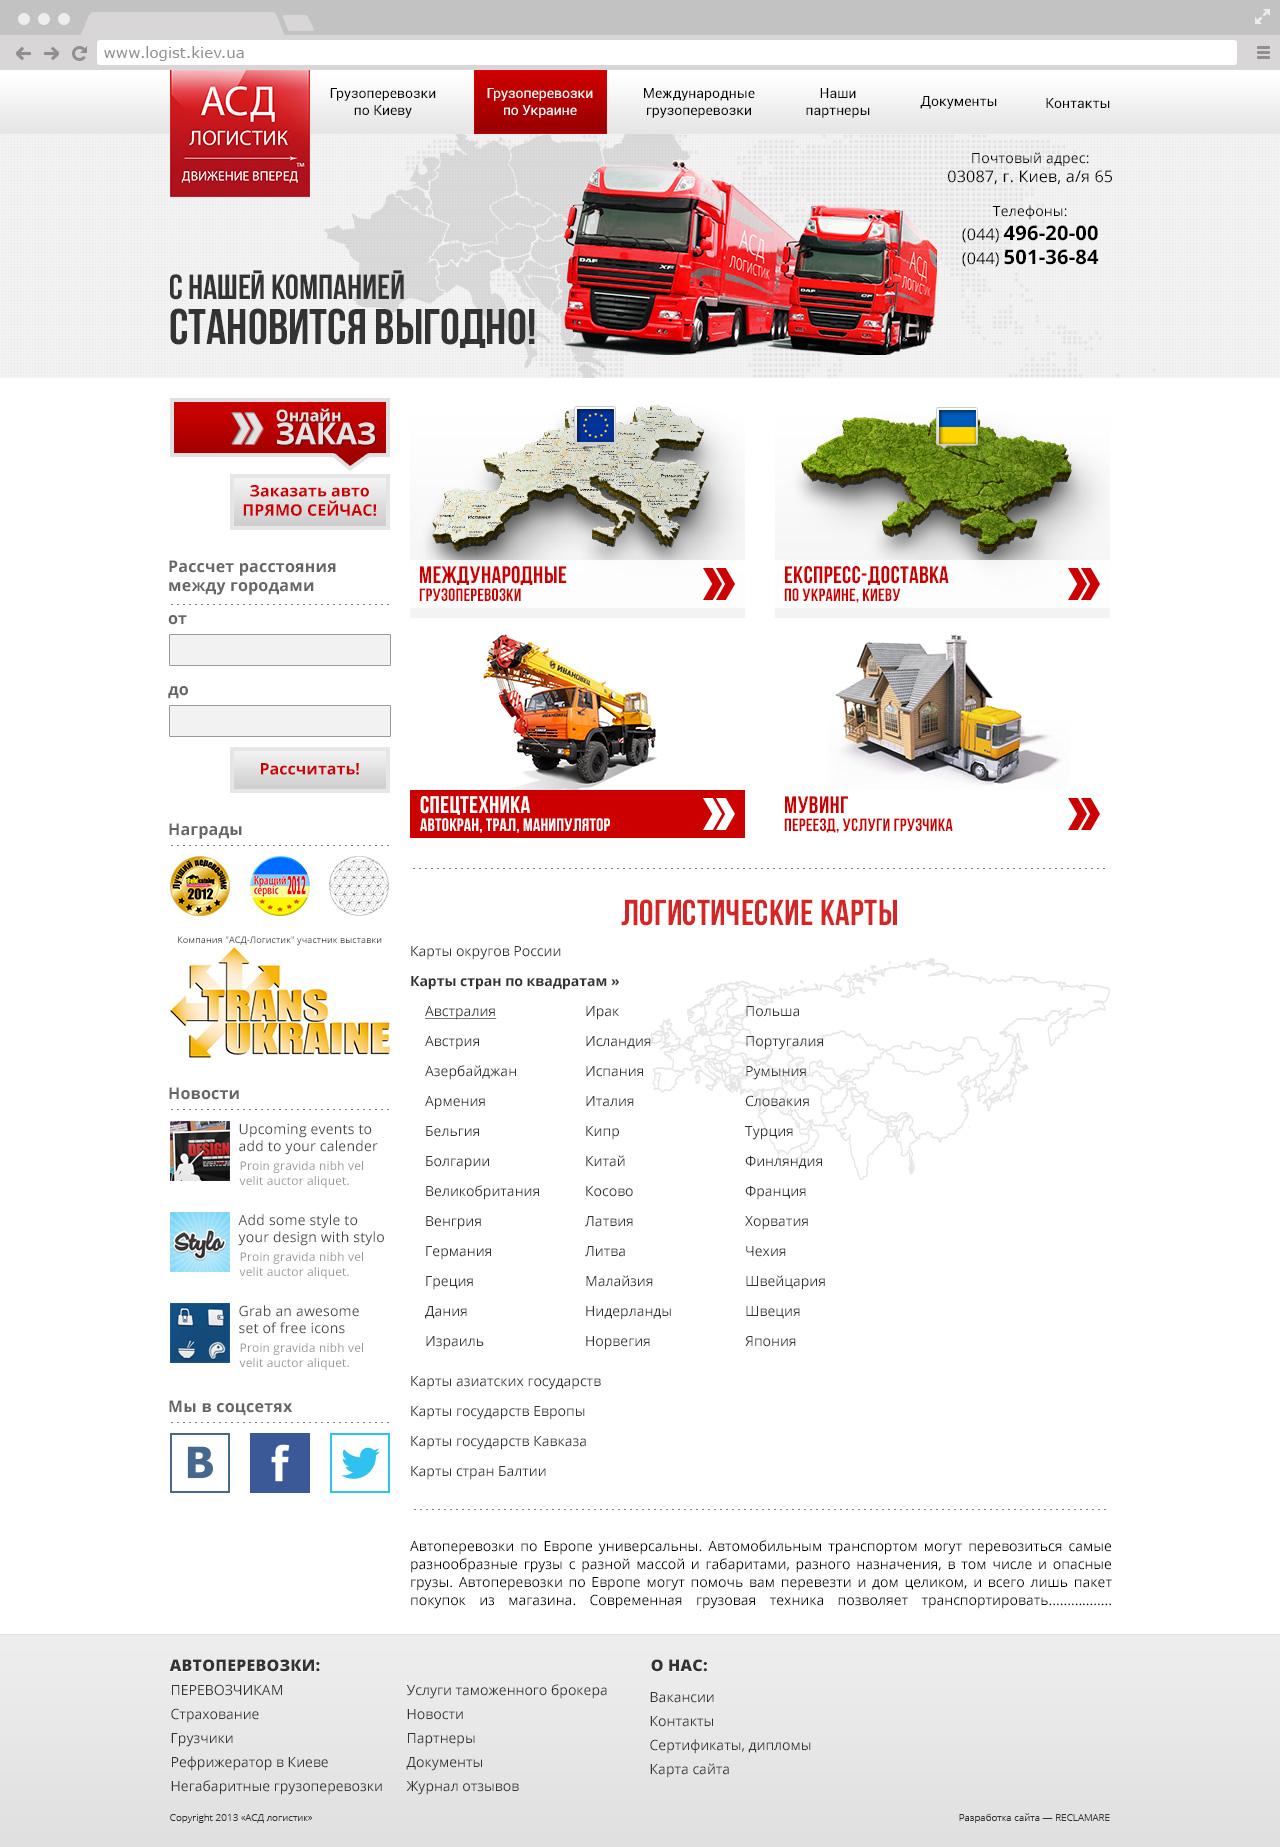 Транспортно-экспидиционная компания